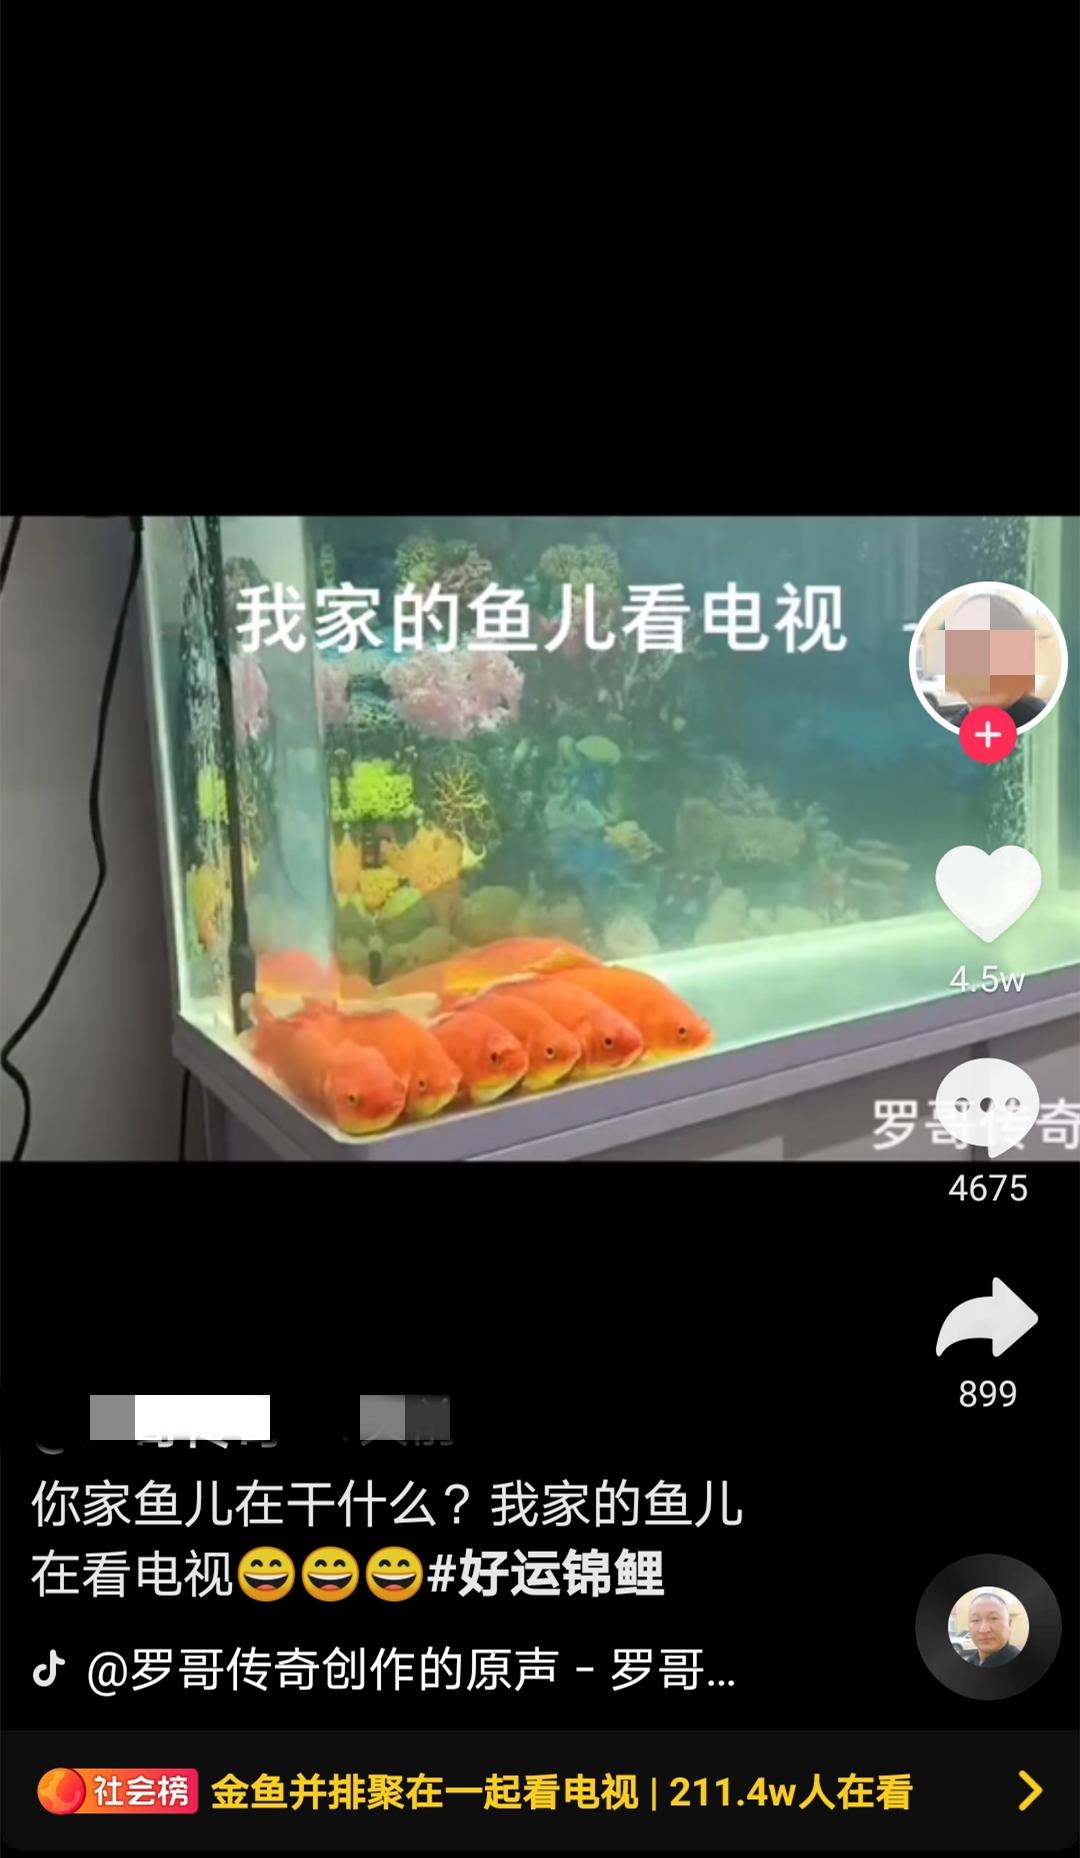 """男子回家,发现6条金鱼正并排看电视!网友:放""""舌尖上的中国之糖醋鱼"""""""